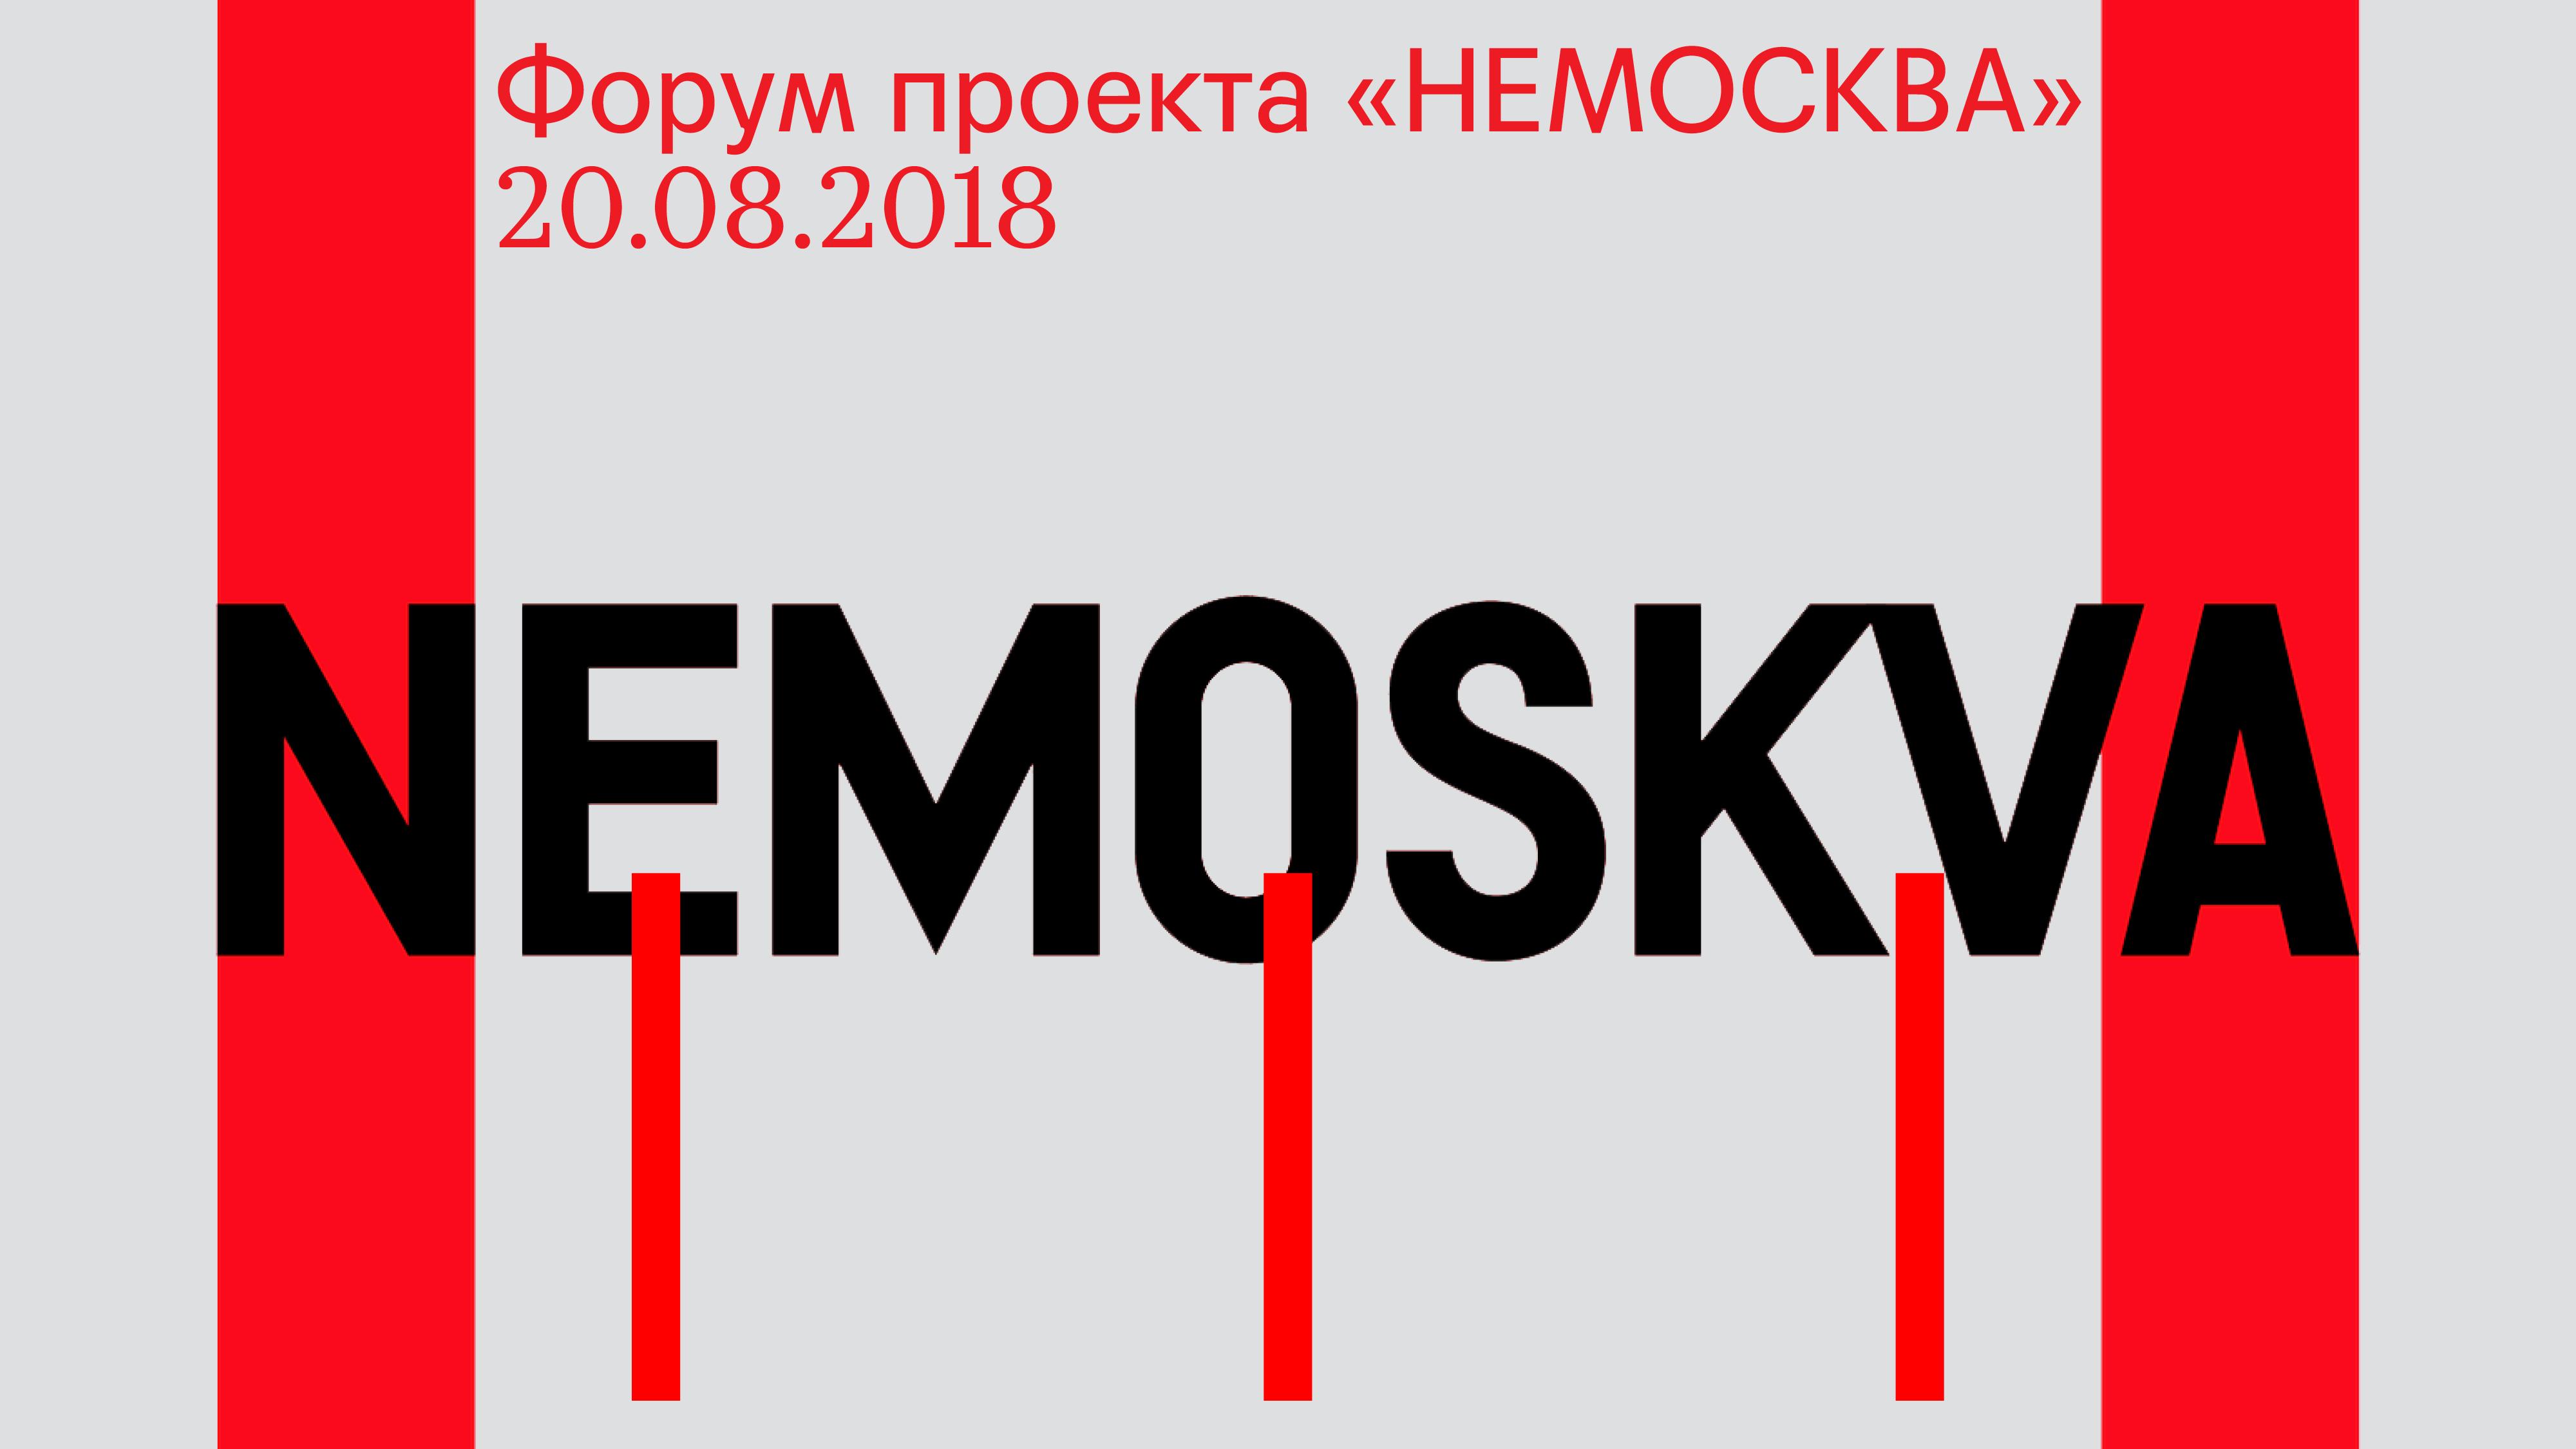 Форум проекта НЕМОСКВА